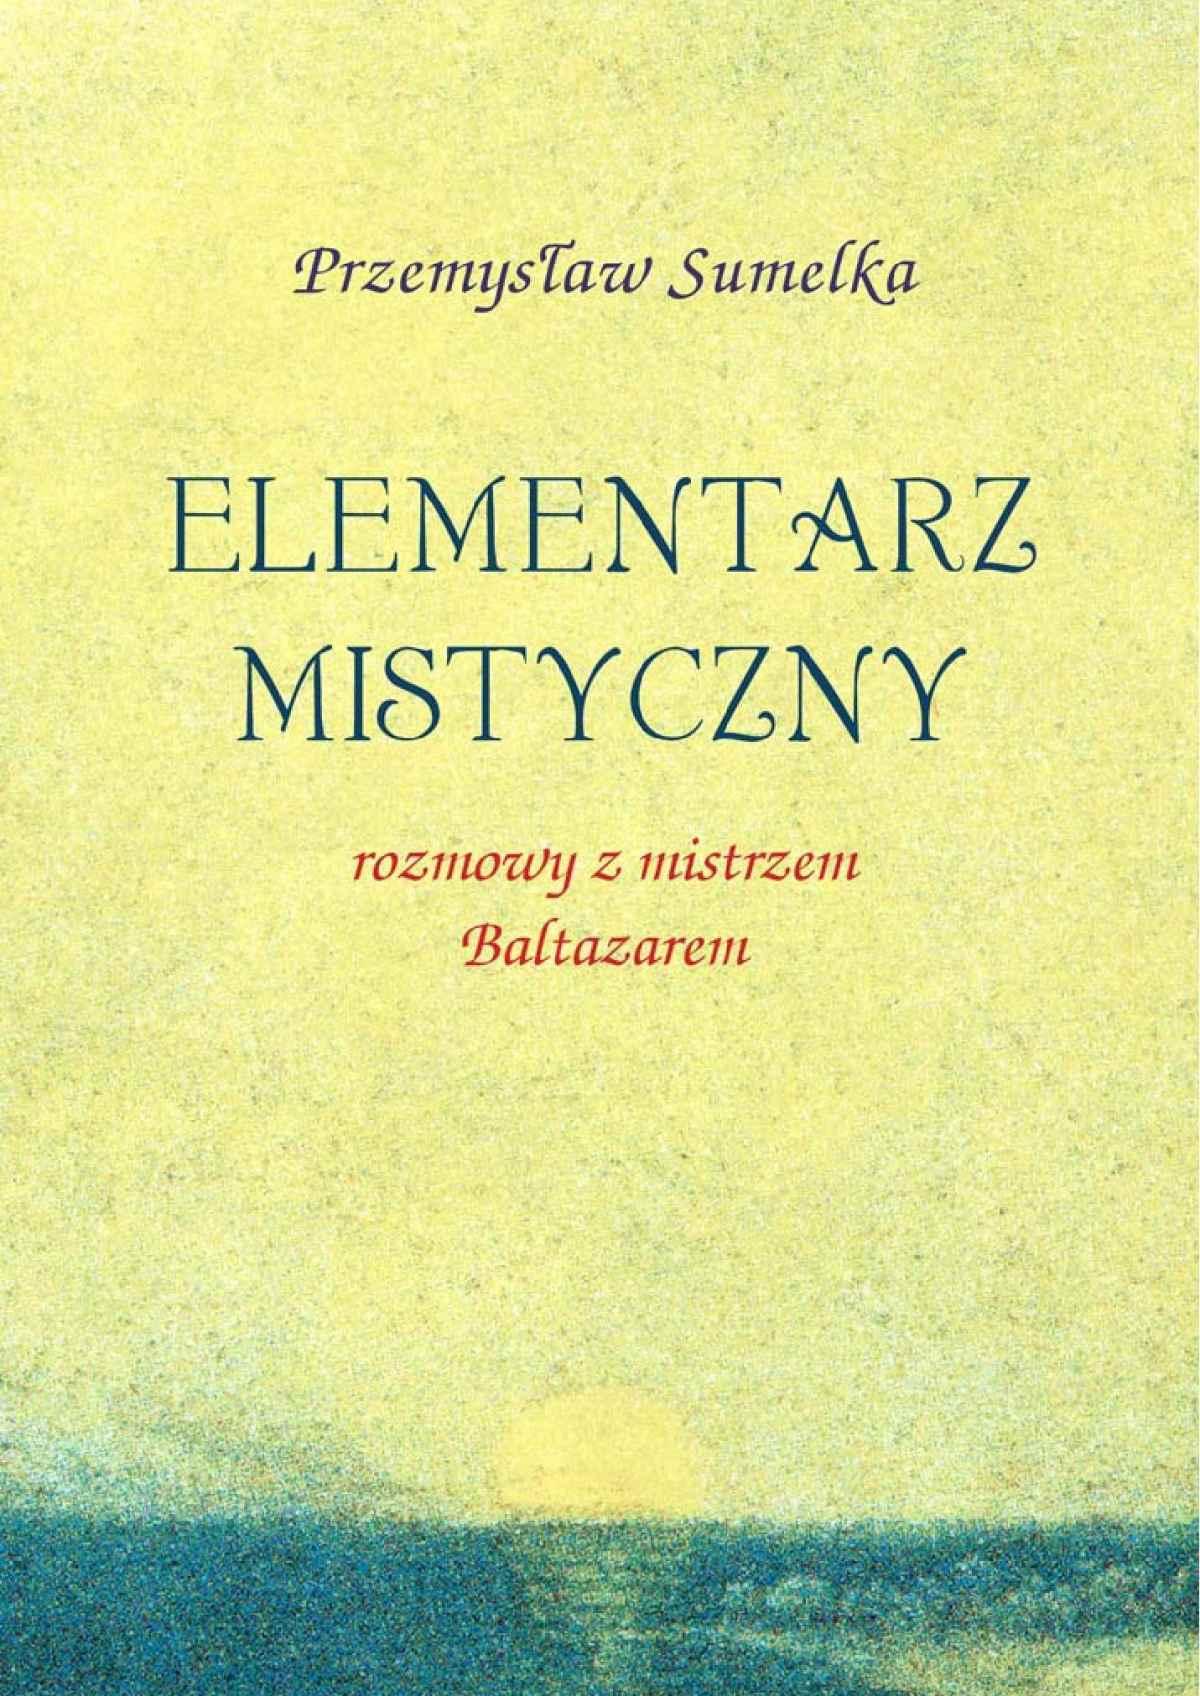 Elementarz mistyczny - Ebook (Książka PDF) do pobrania w formacie PDF